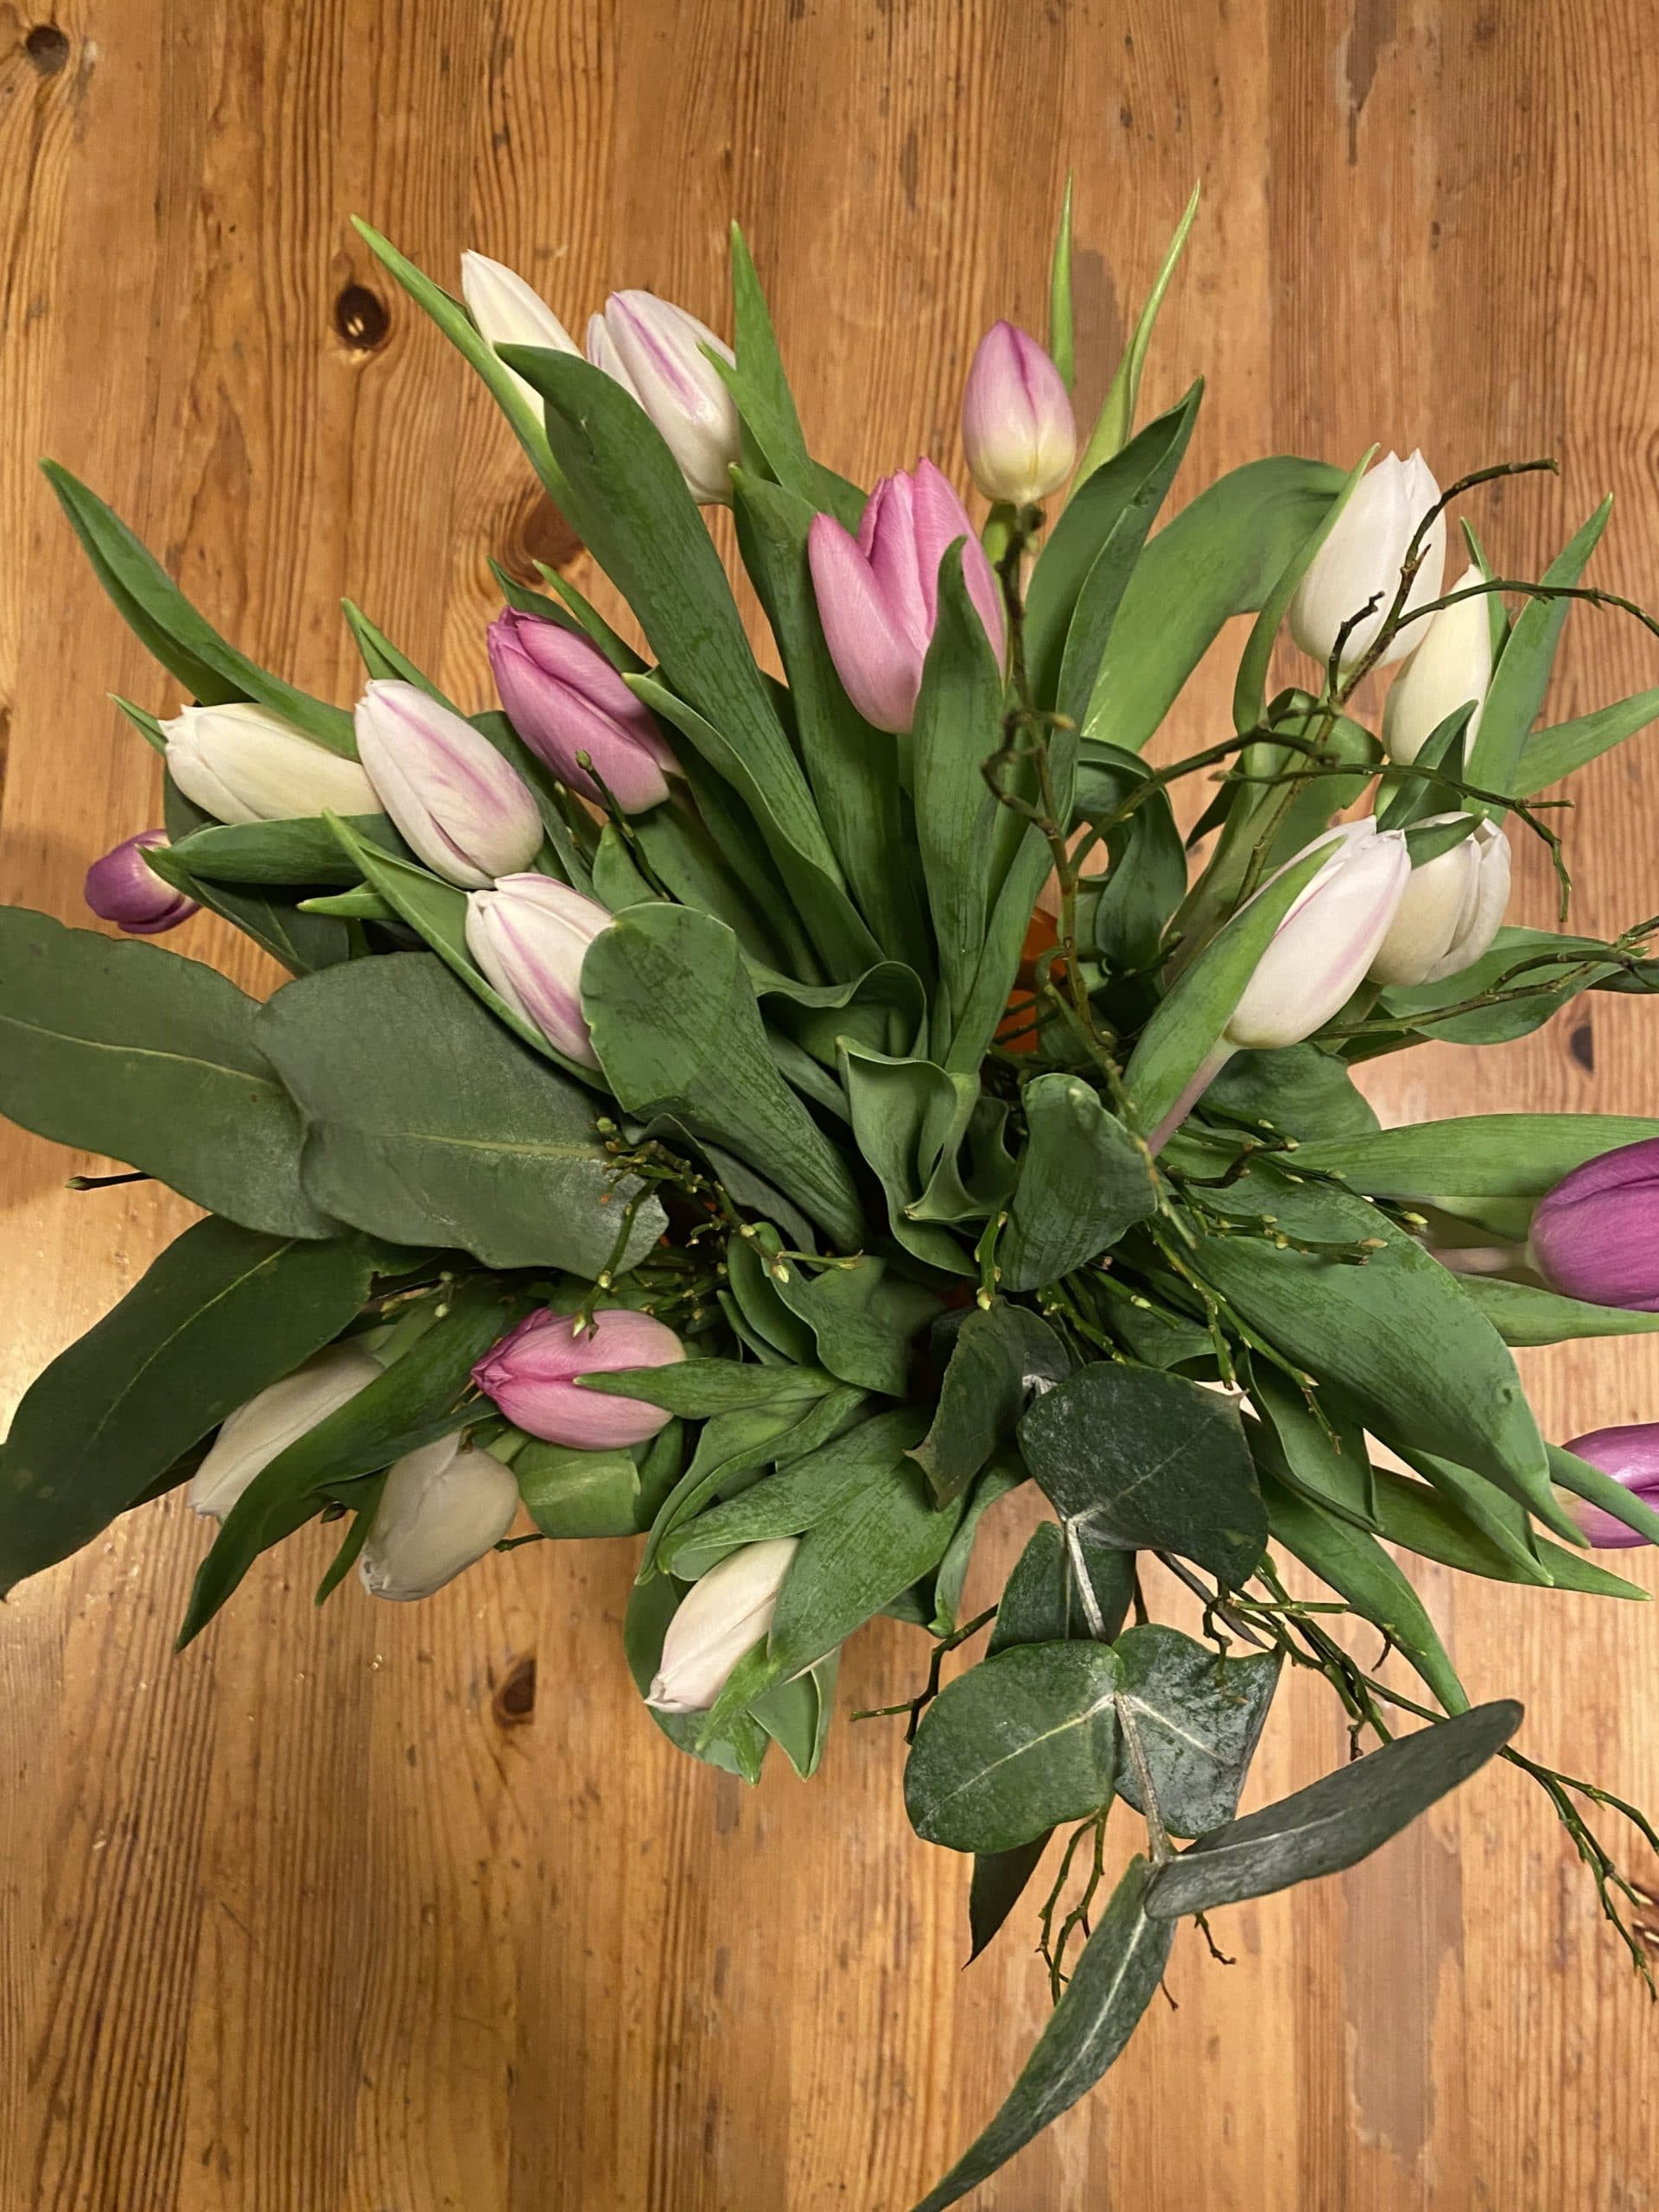 #19 Blumen finde ich schön, ich kauf mir am liebsten selbst welche.